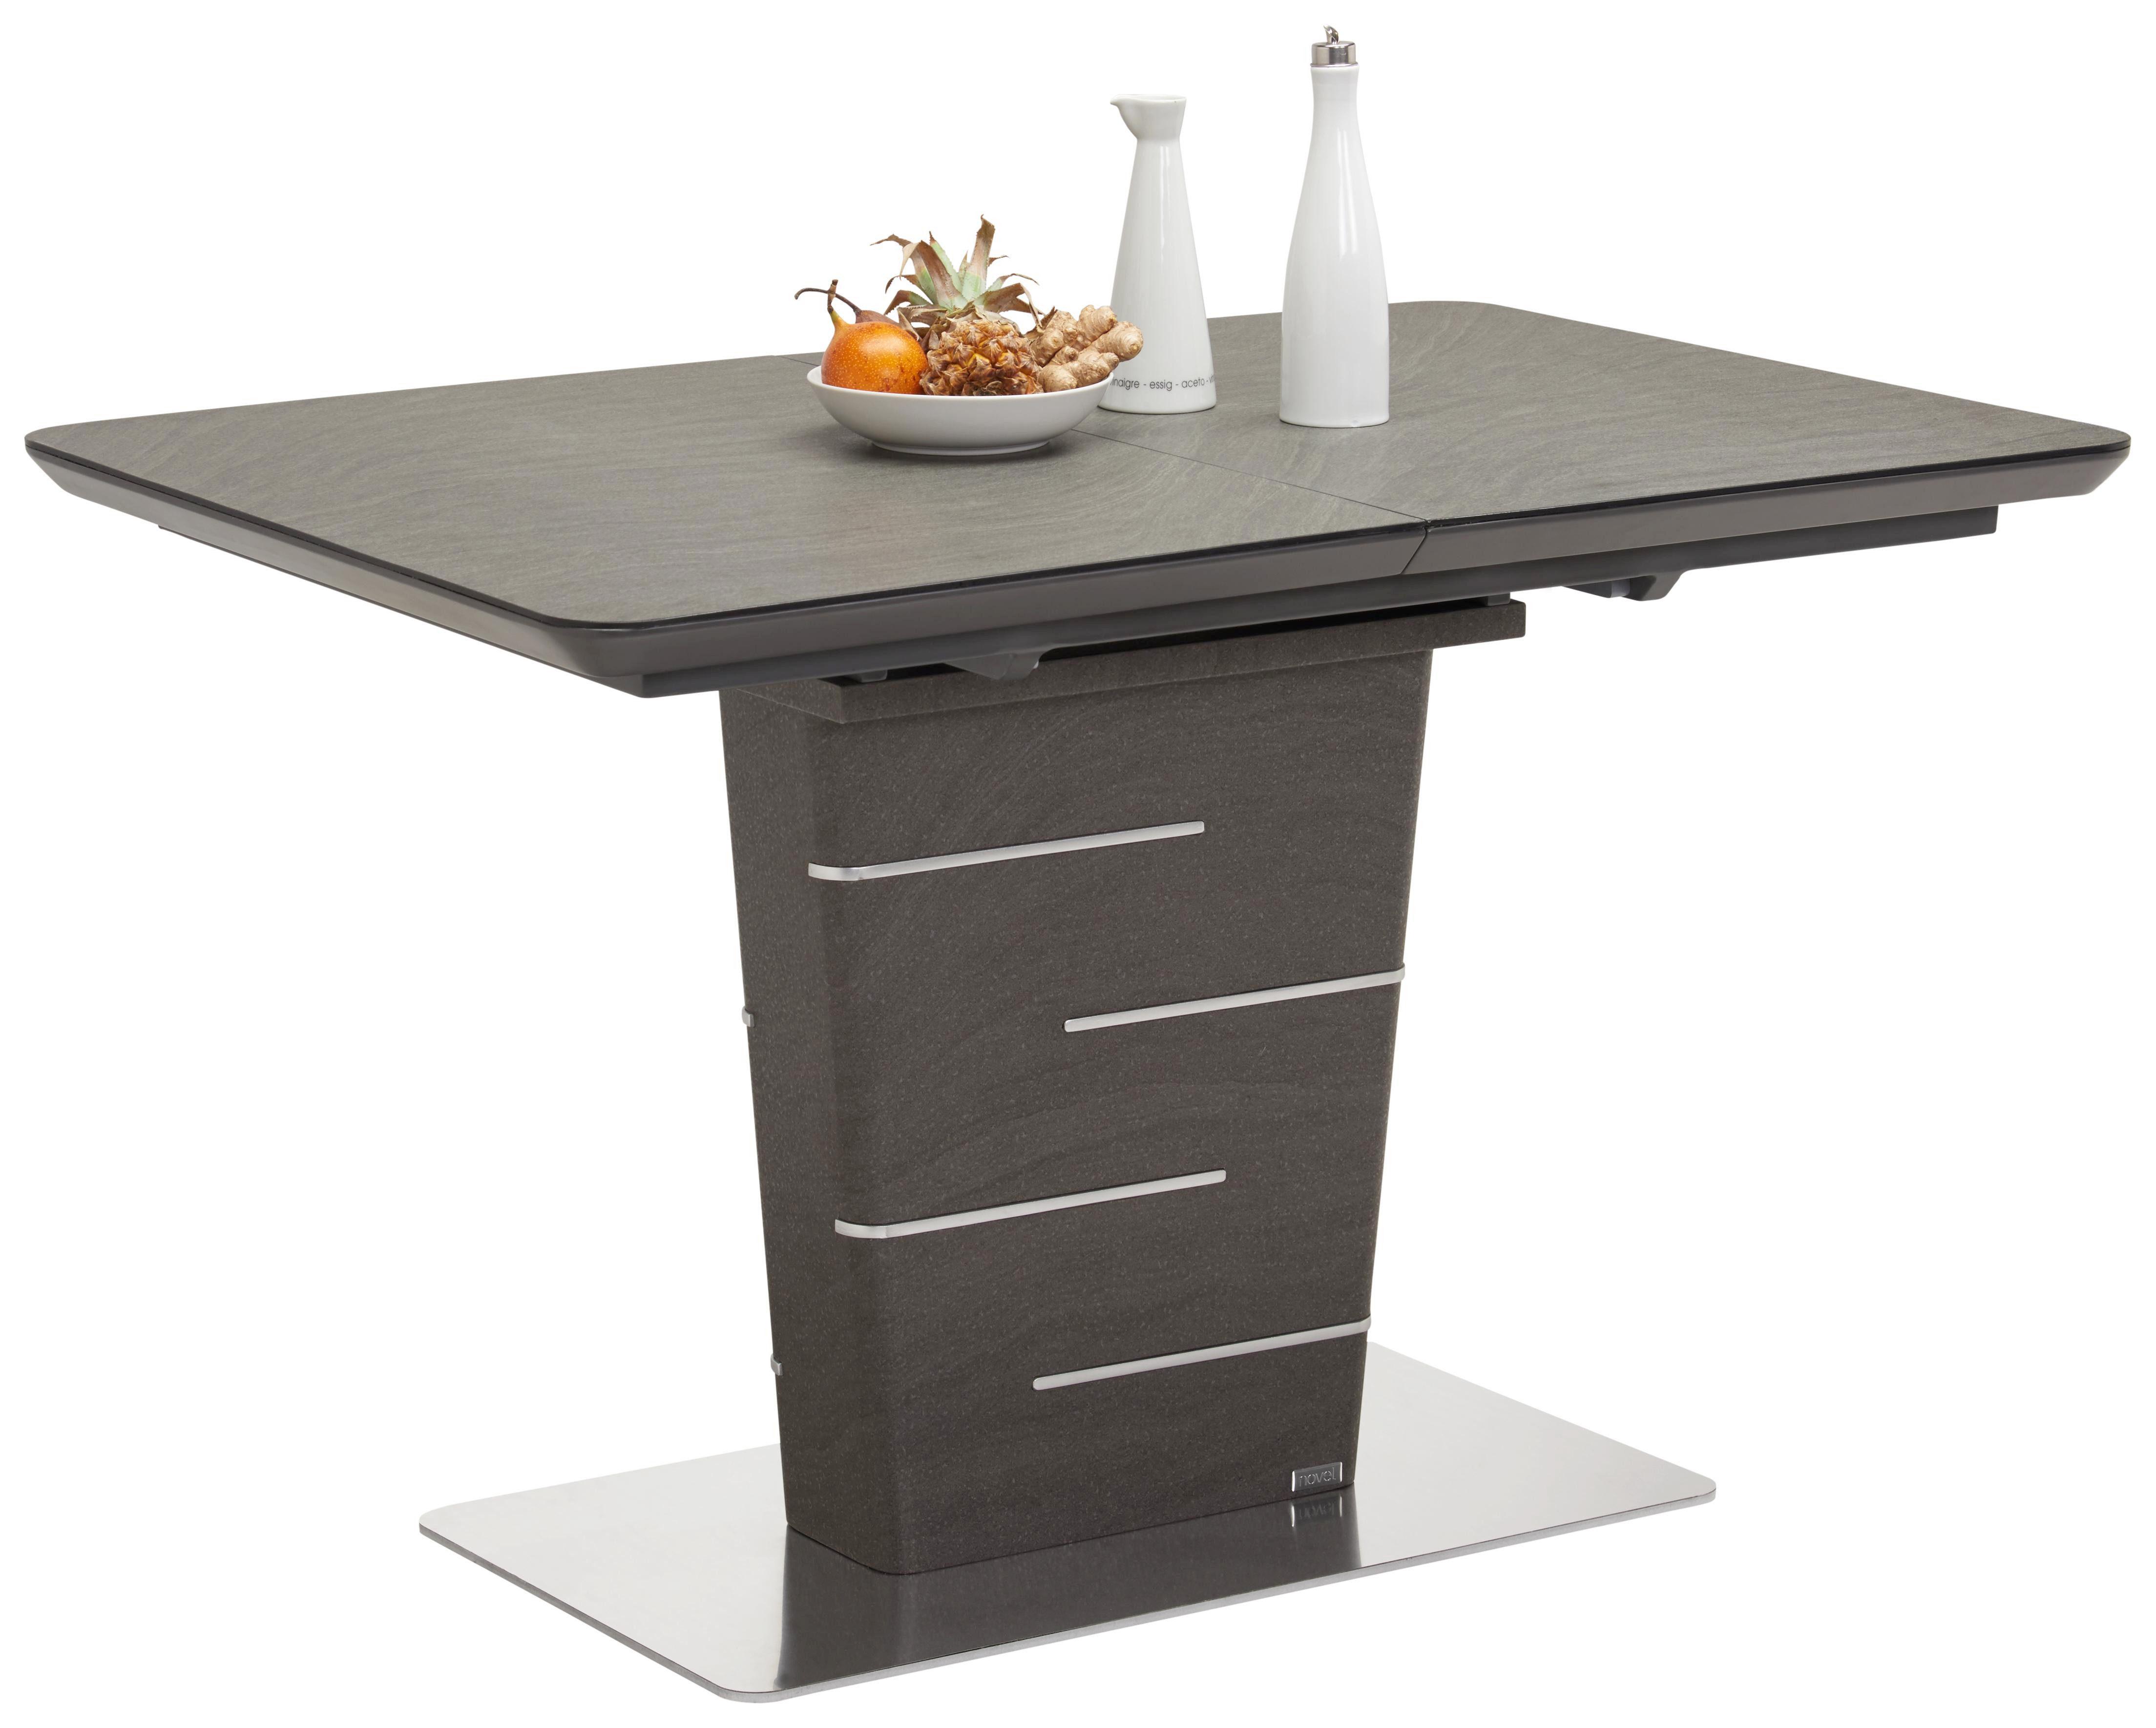 MATBORD - mörkgrå/rostfritt stål-färgad, Design, metall/träbaserade material (120(160)/80/76cm) - Novel